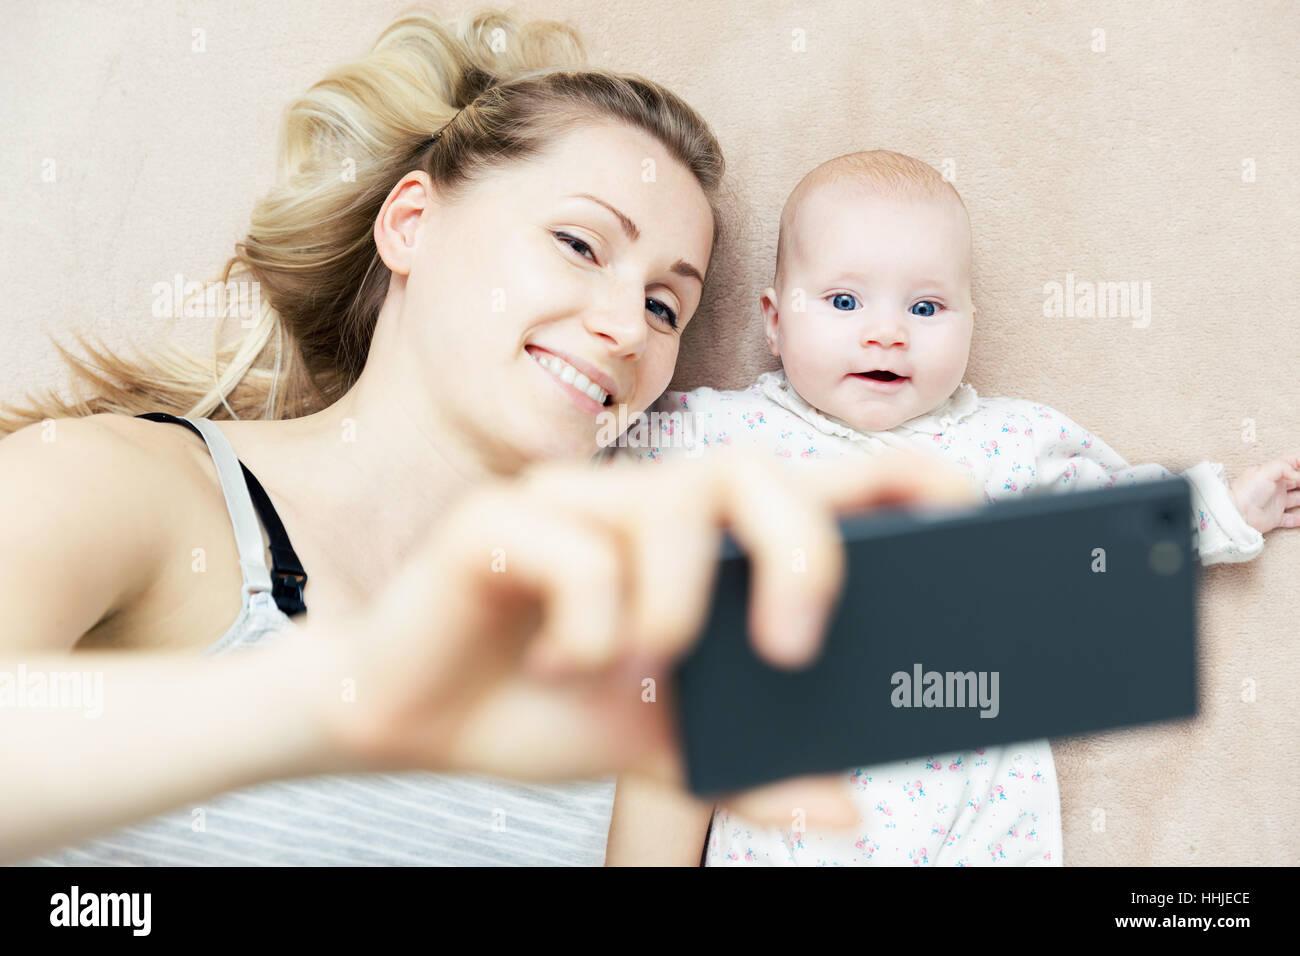 La madre y el bebé lactante teniendo selfie poco con el teléfono en la cama Imagen De Stock